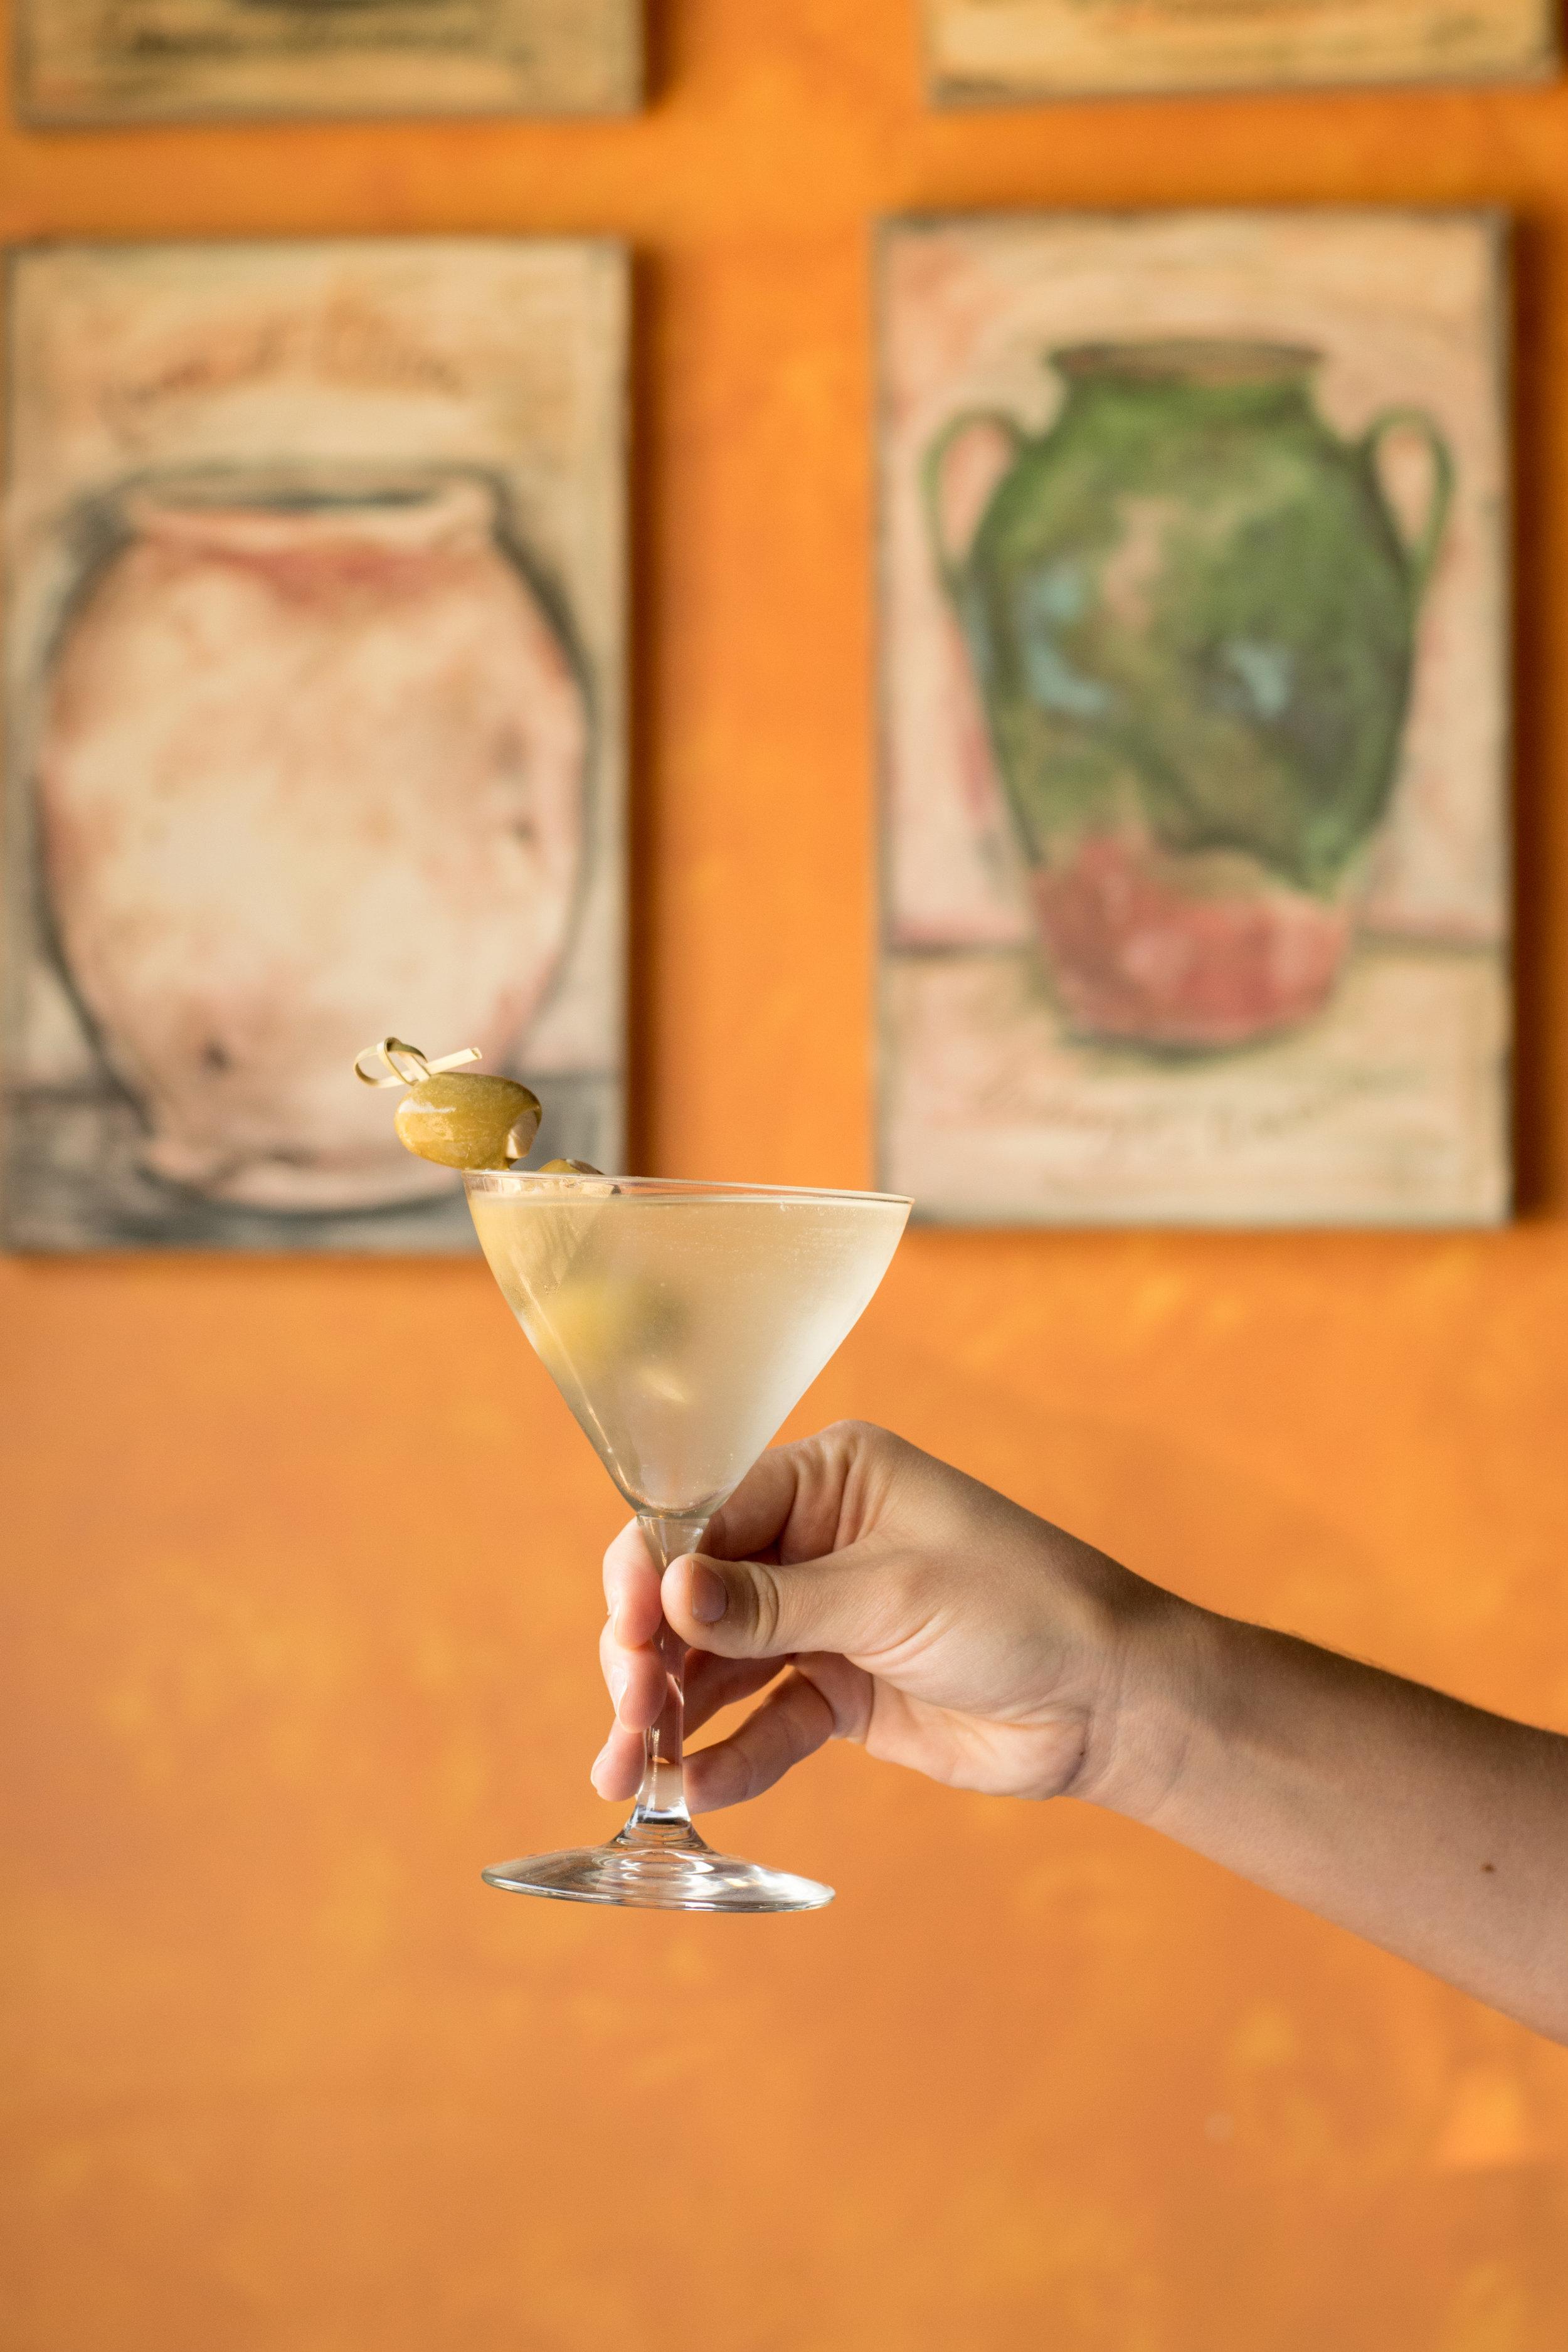 Cocktail Dinner   September 24, 2018   6:30 PM